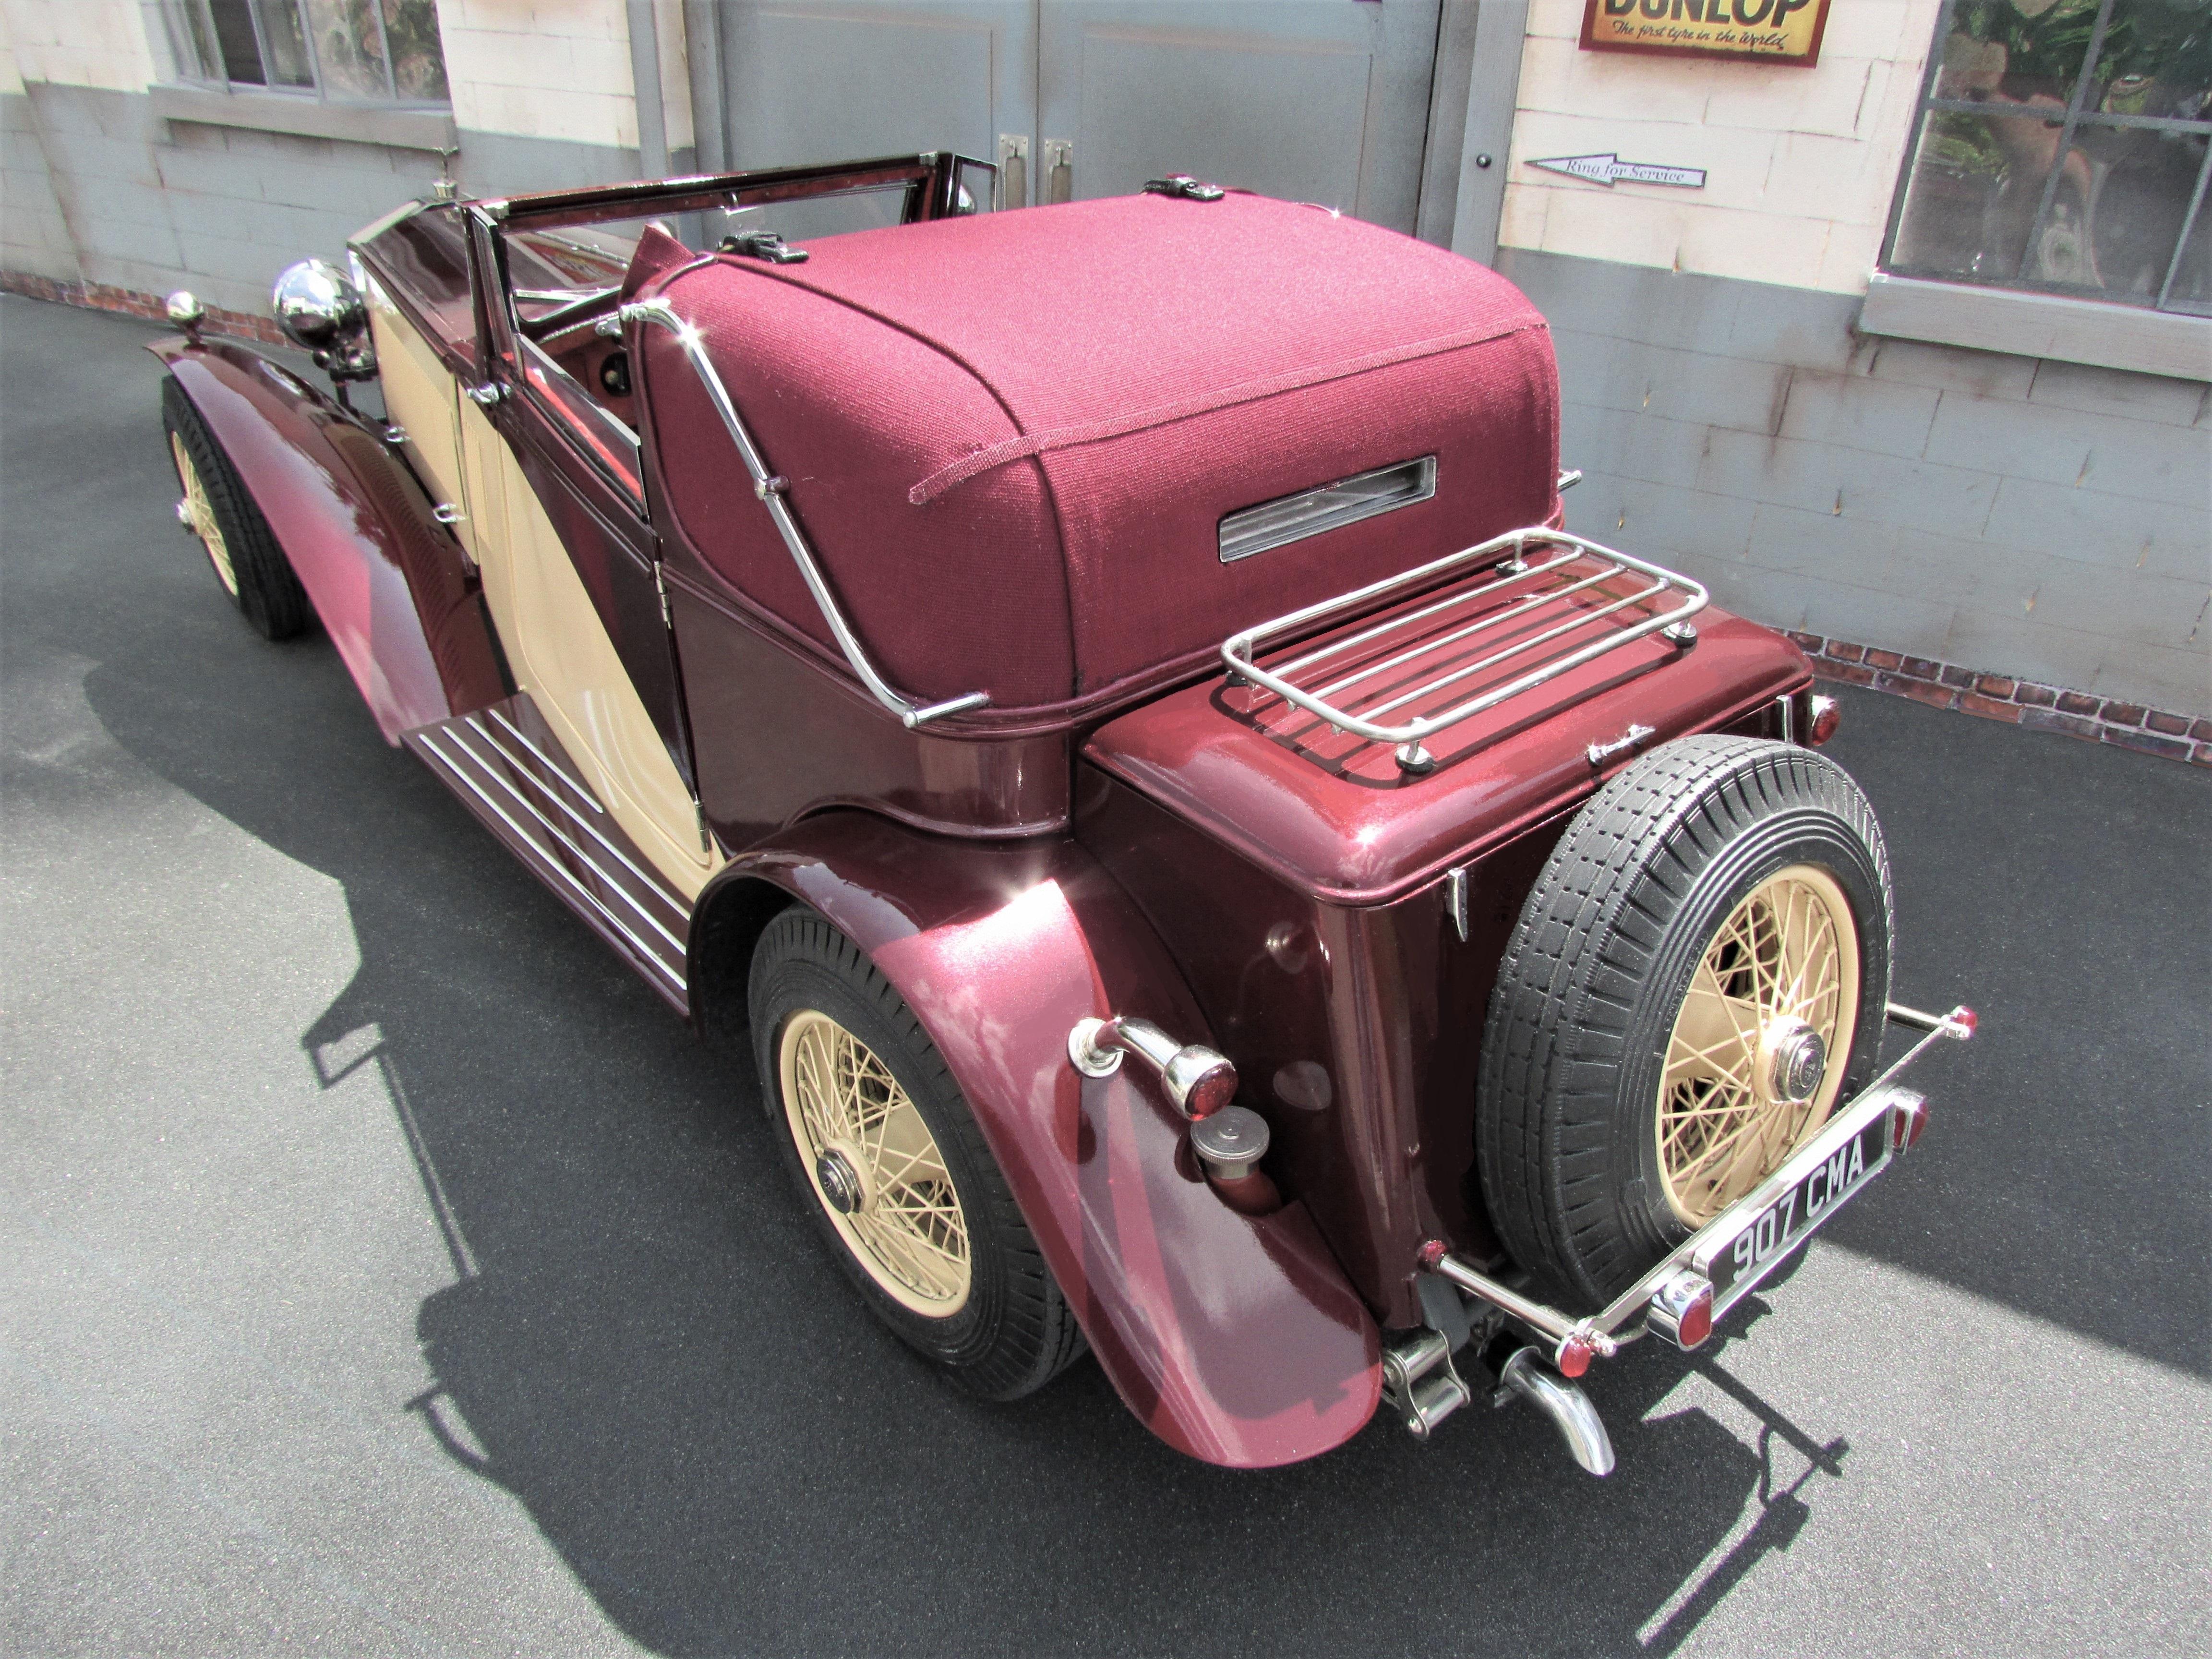 Detailed Model Cars